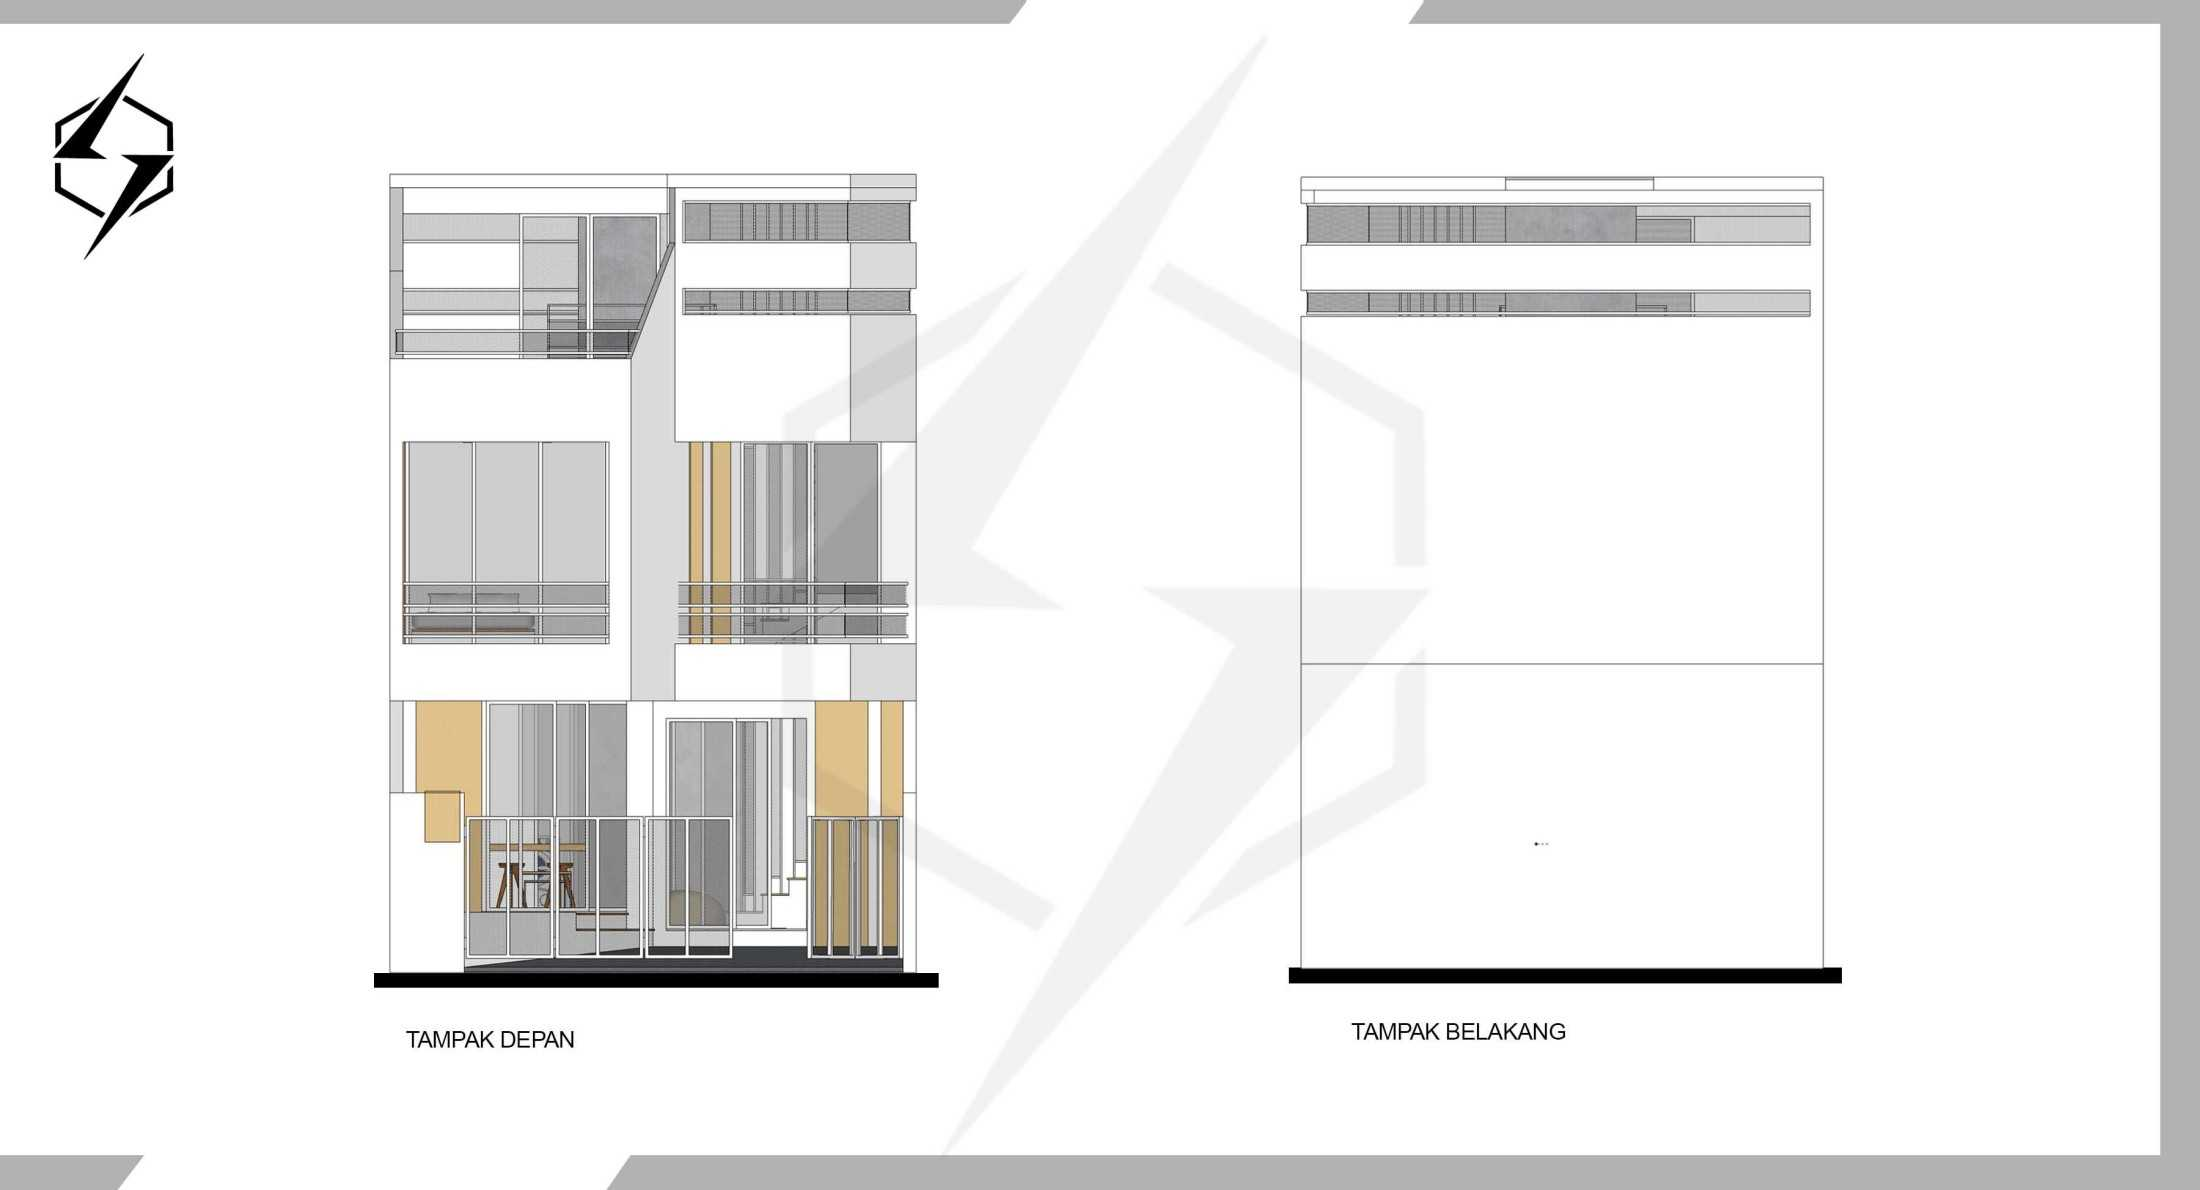 Sasmayarupa Studio White House Kabupaten Sidoarjo, Jawa Timur, Indonesia Kabupaten Sidoarjo, Jawa Timur, Indonesia Sync-Studio-White-House  130888